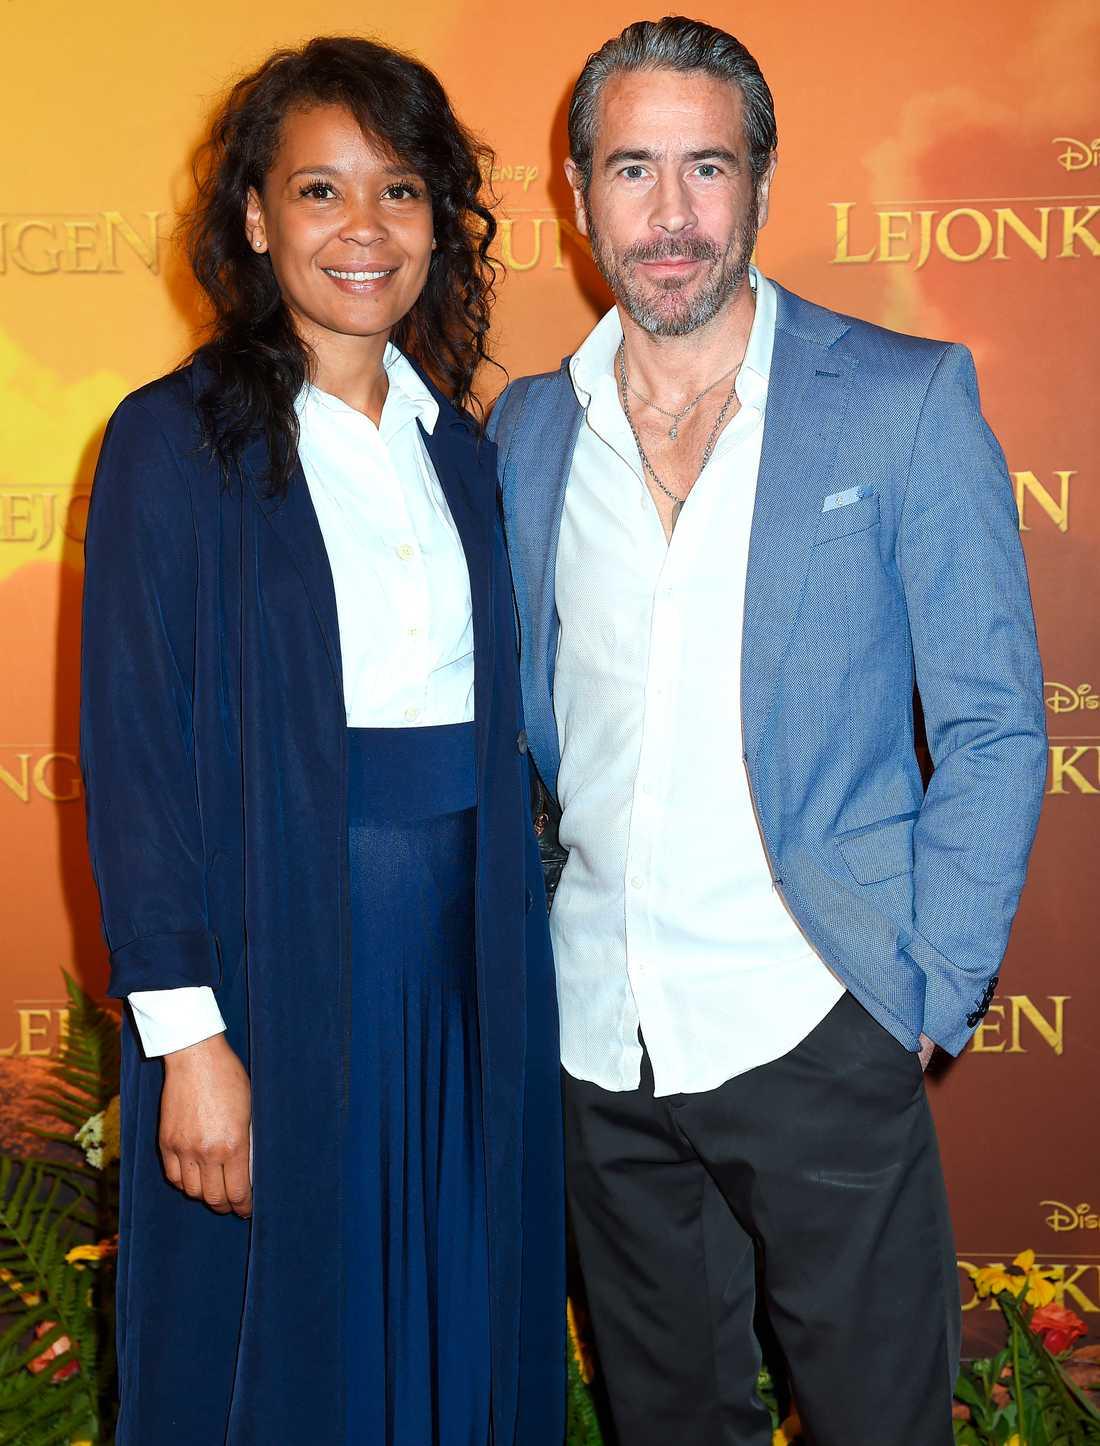 """Ola Rapace med sin fru Sonja Jawo hade kommit för att se nya """"Lejonkungen""""."""